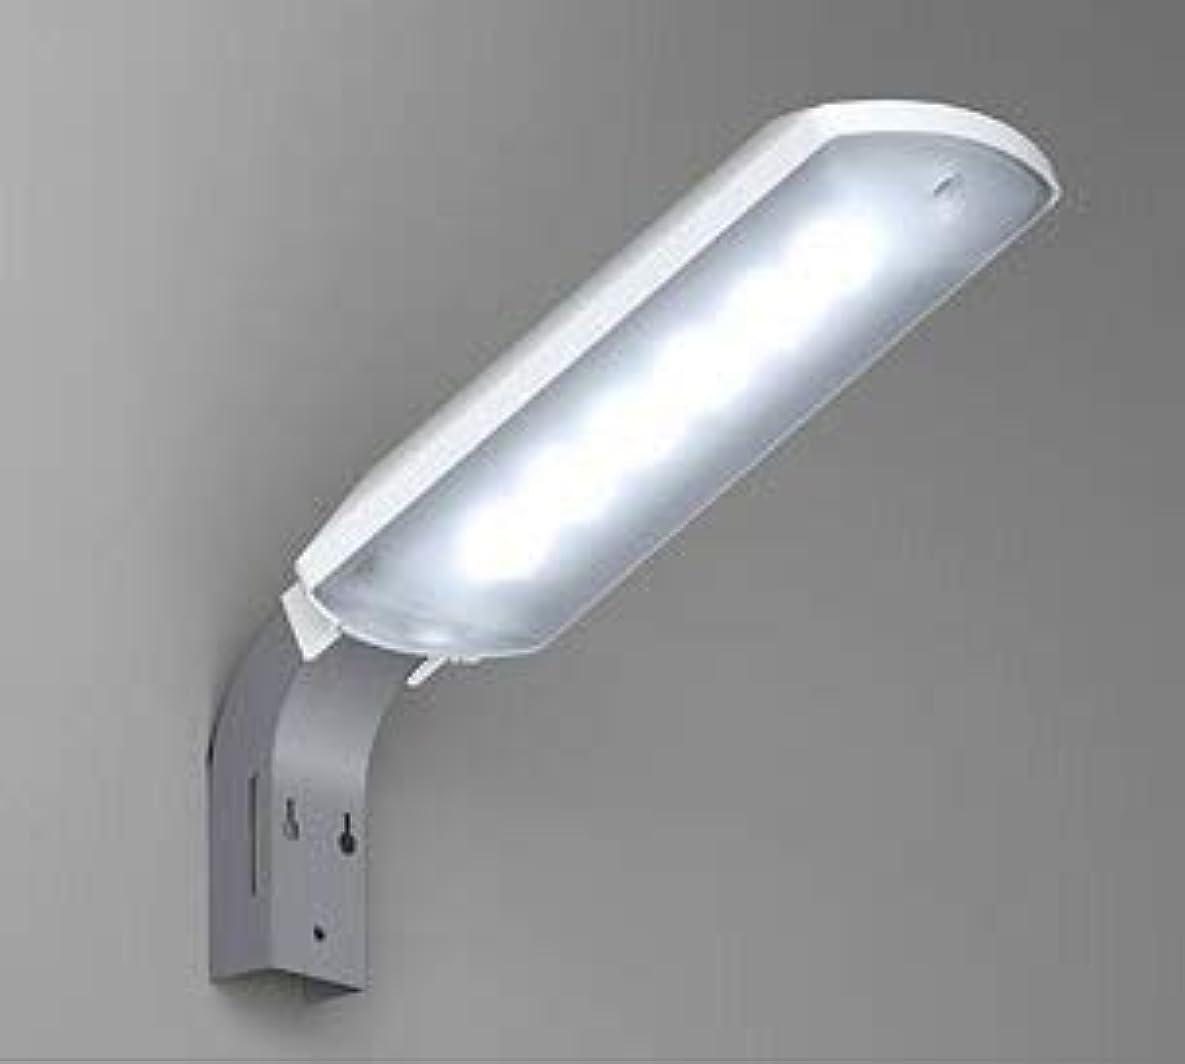 操作肘創始者LED照明 LED防犯灯 LEDランプ オーデリック LED防犯灯 街路灯 自動点滅器付 防水